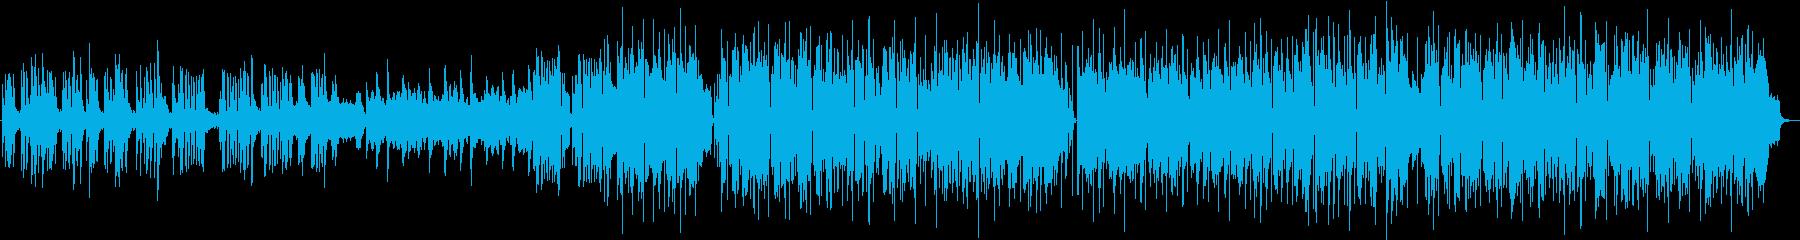 悲しい旋律の印象的なバラードの再生済みの波形